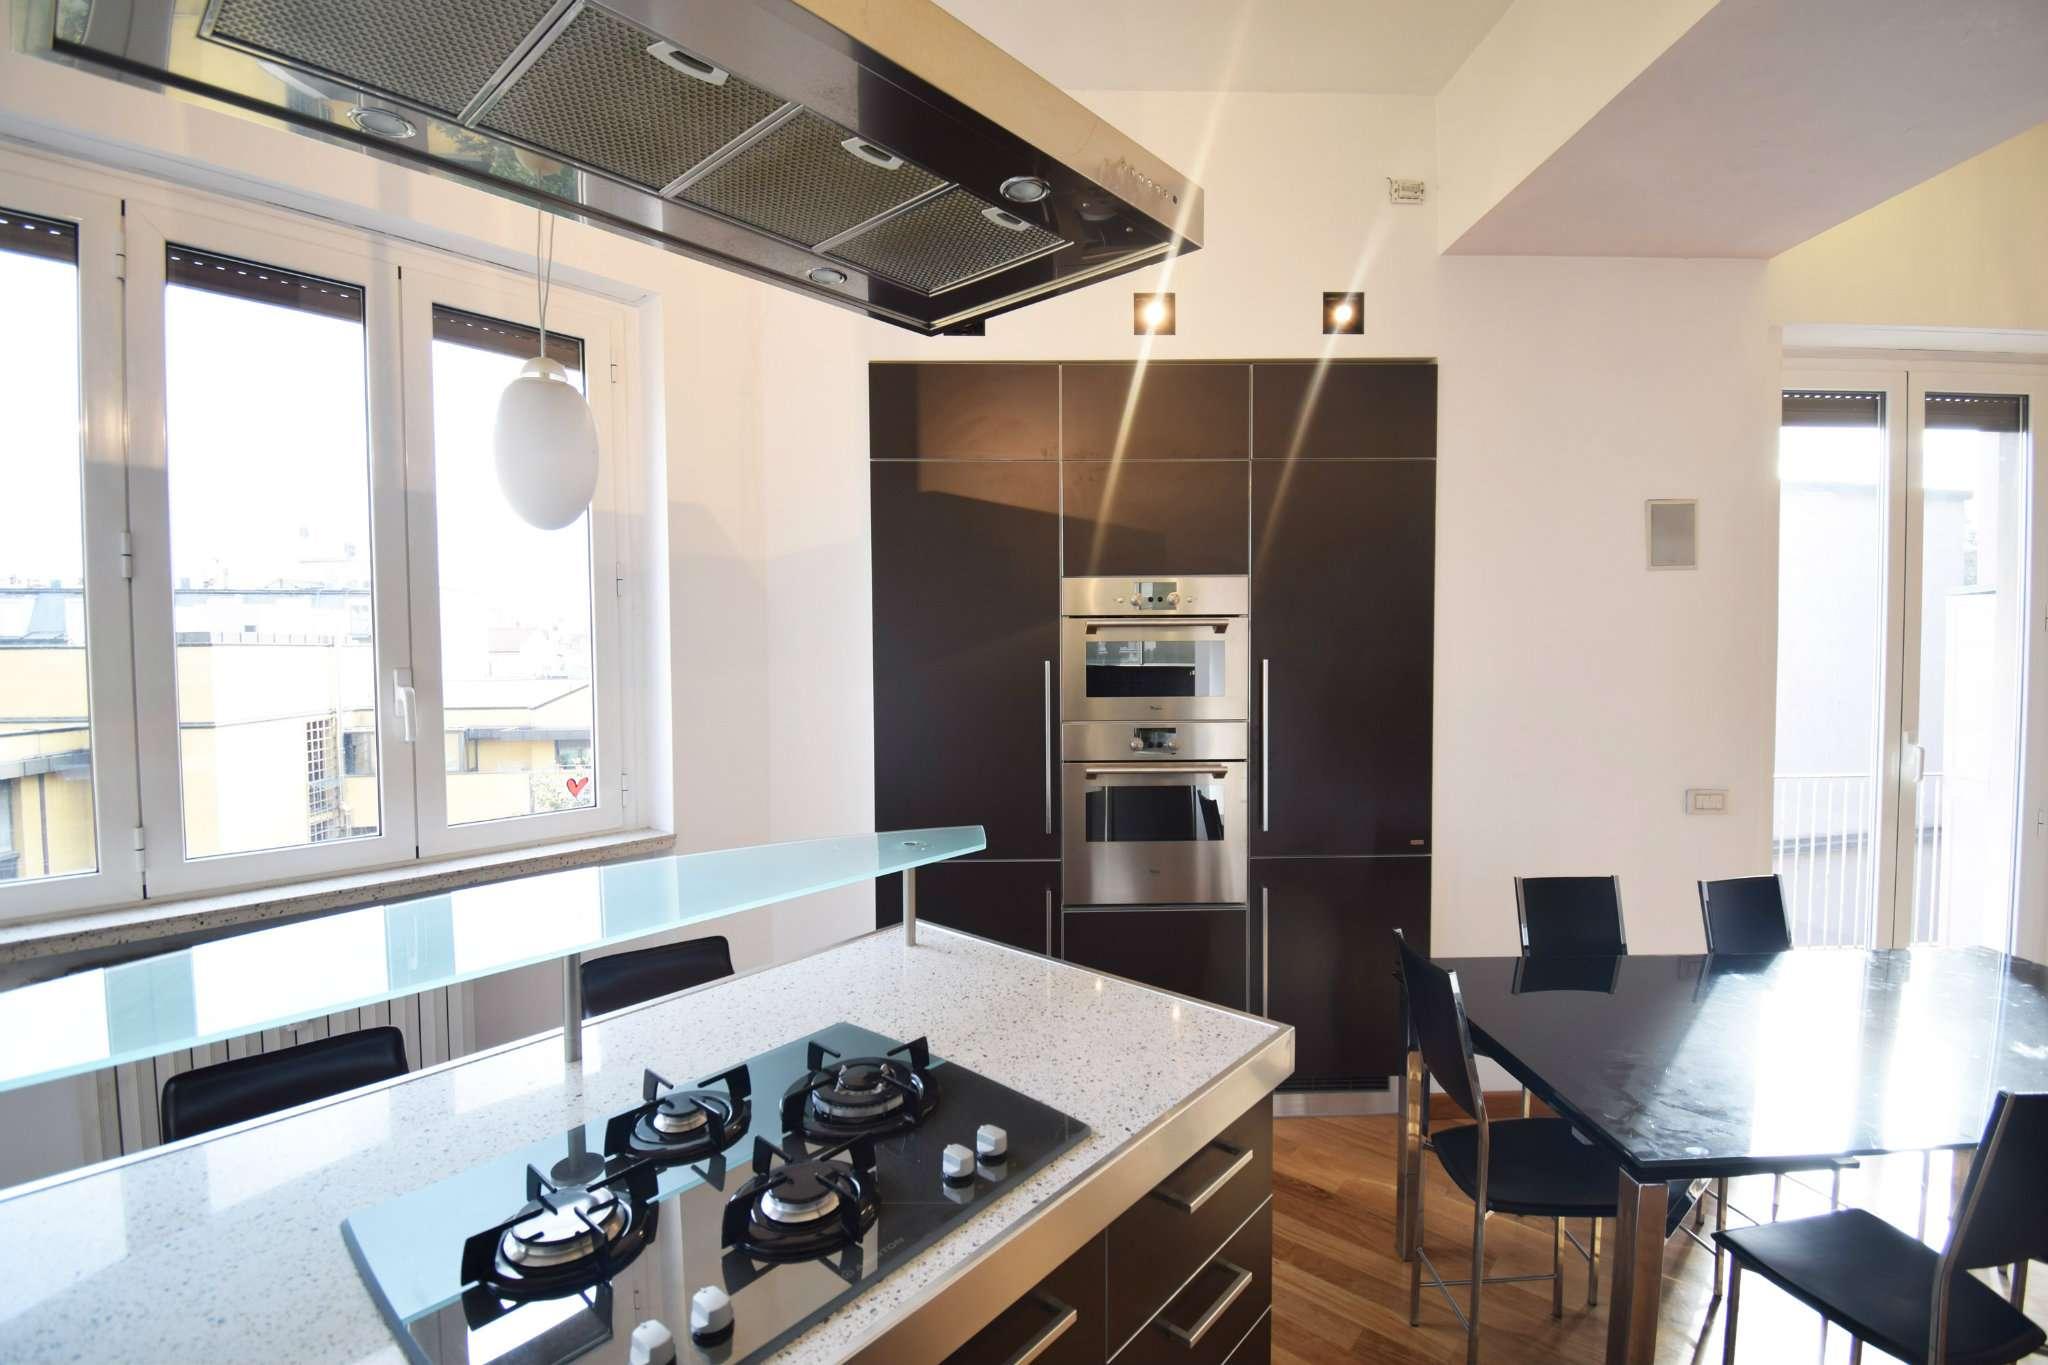 Appartamento in vendita a Milano, 2 locali, zona Zona: 1 . Centro Storico, Duomo, Brera, Cadorna, Cattolica, prezzo € 730.000   CambioCasa.it